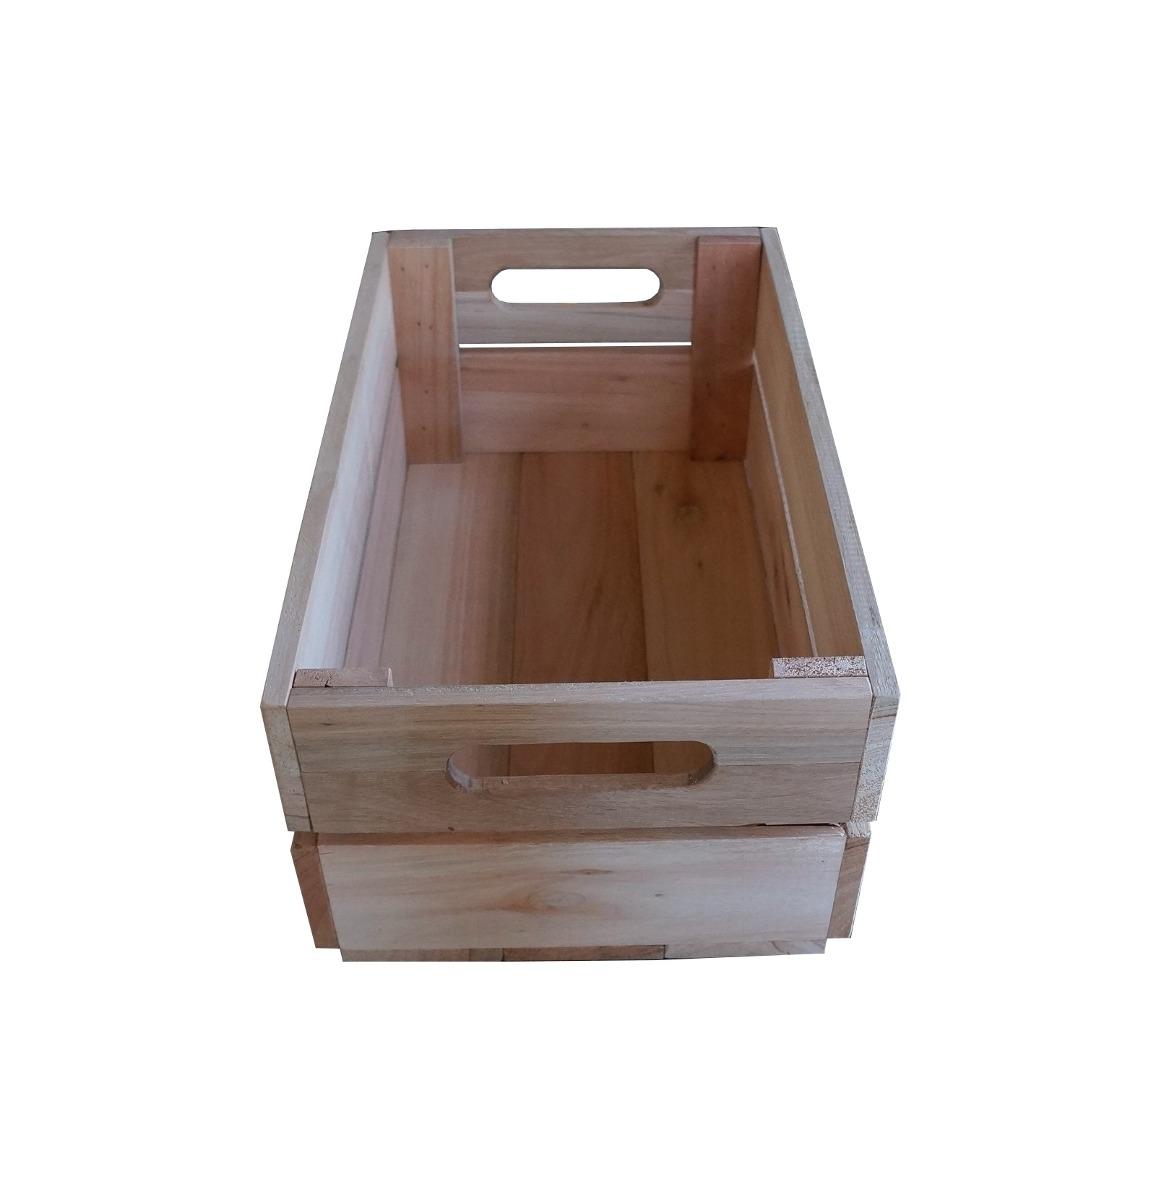 caixas caixotes de feira em madeira de reflorestamento #4F2917 1164x1200